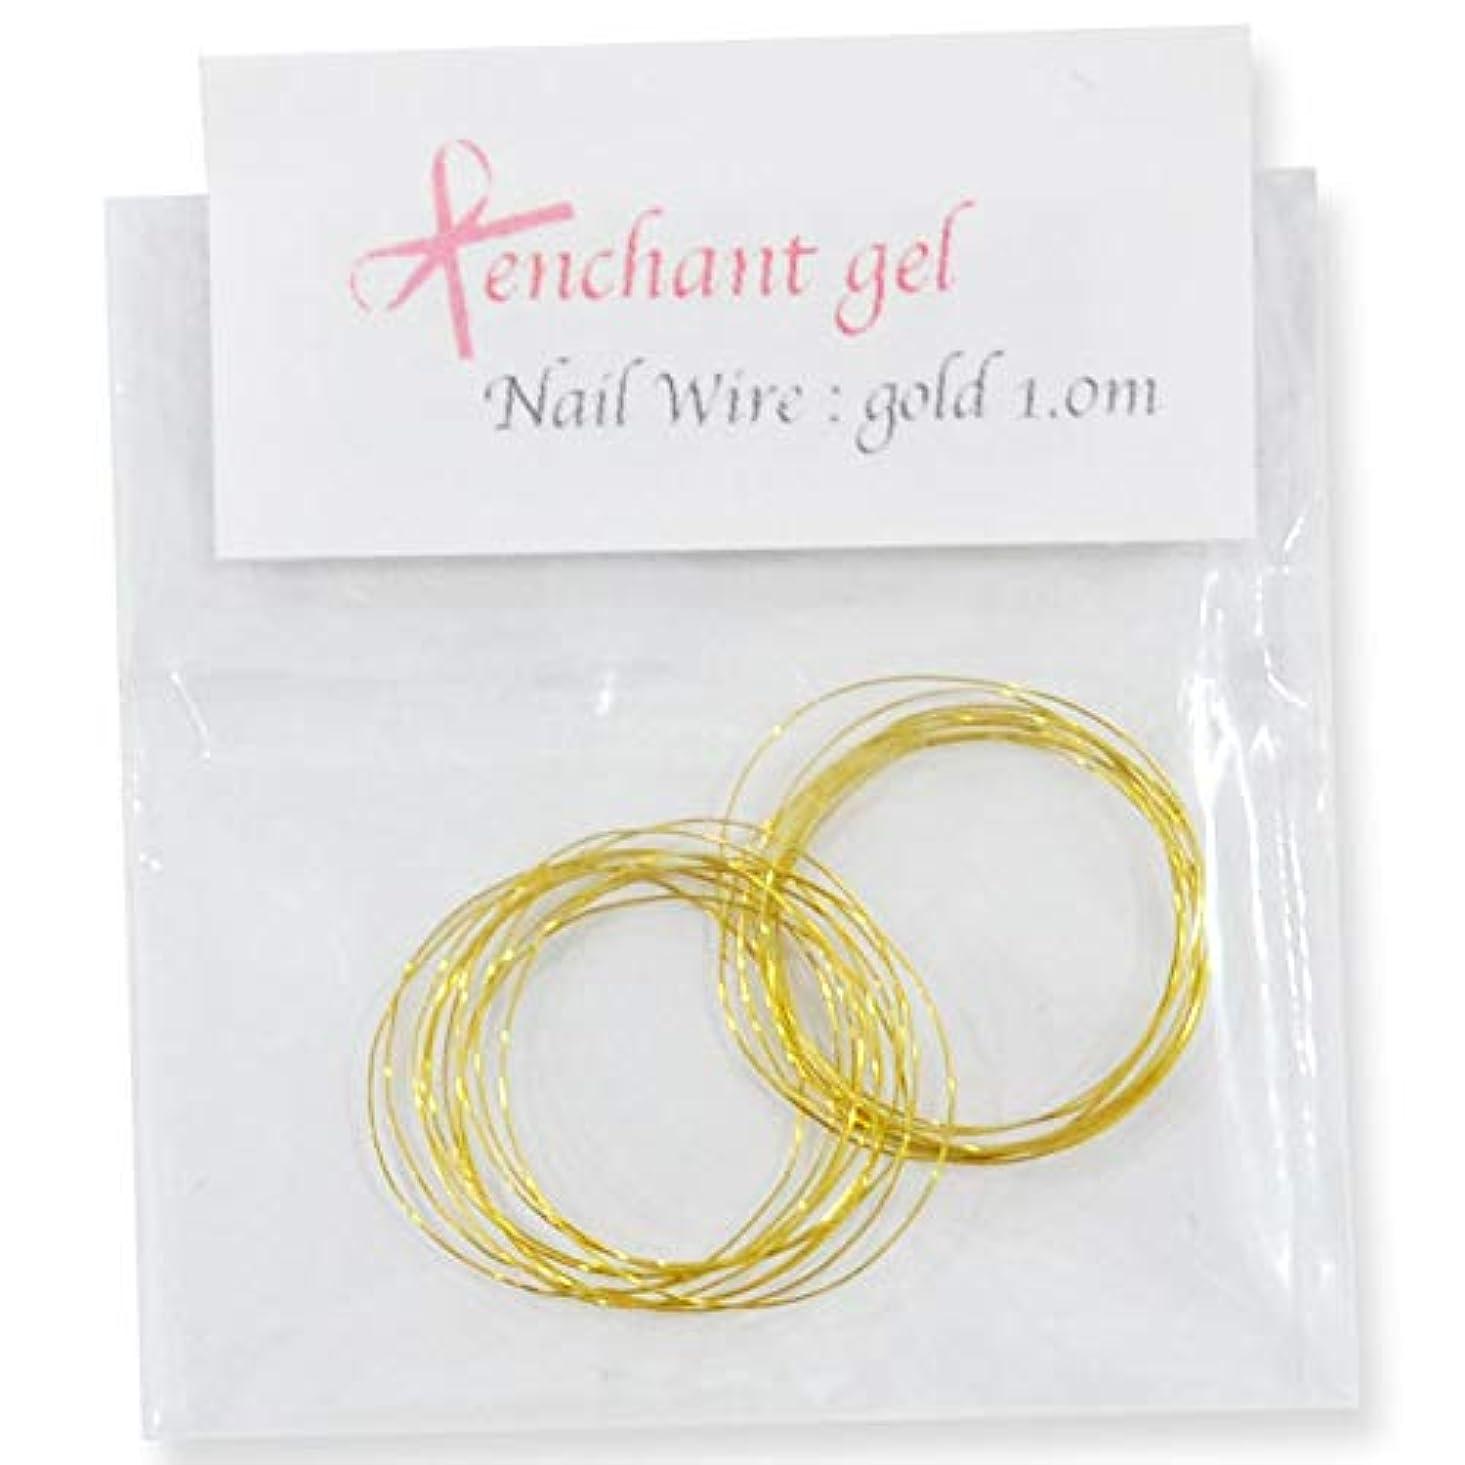 ネイルワイヤー 太さ0.2mm 長さ1.0m ゴールド エンチャントジェル